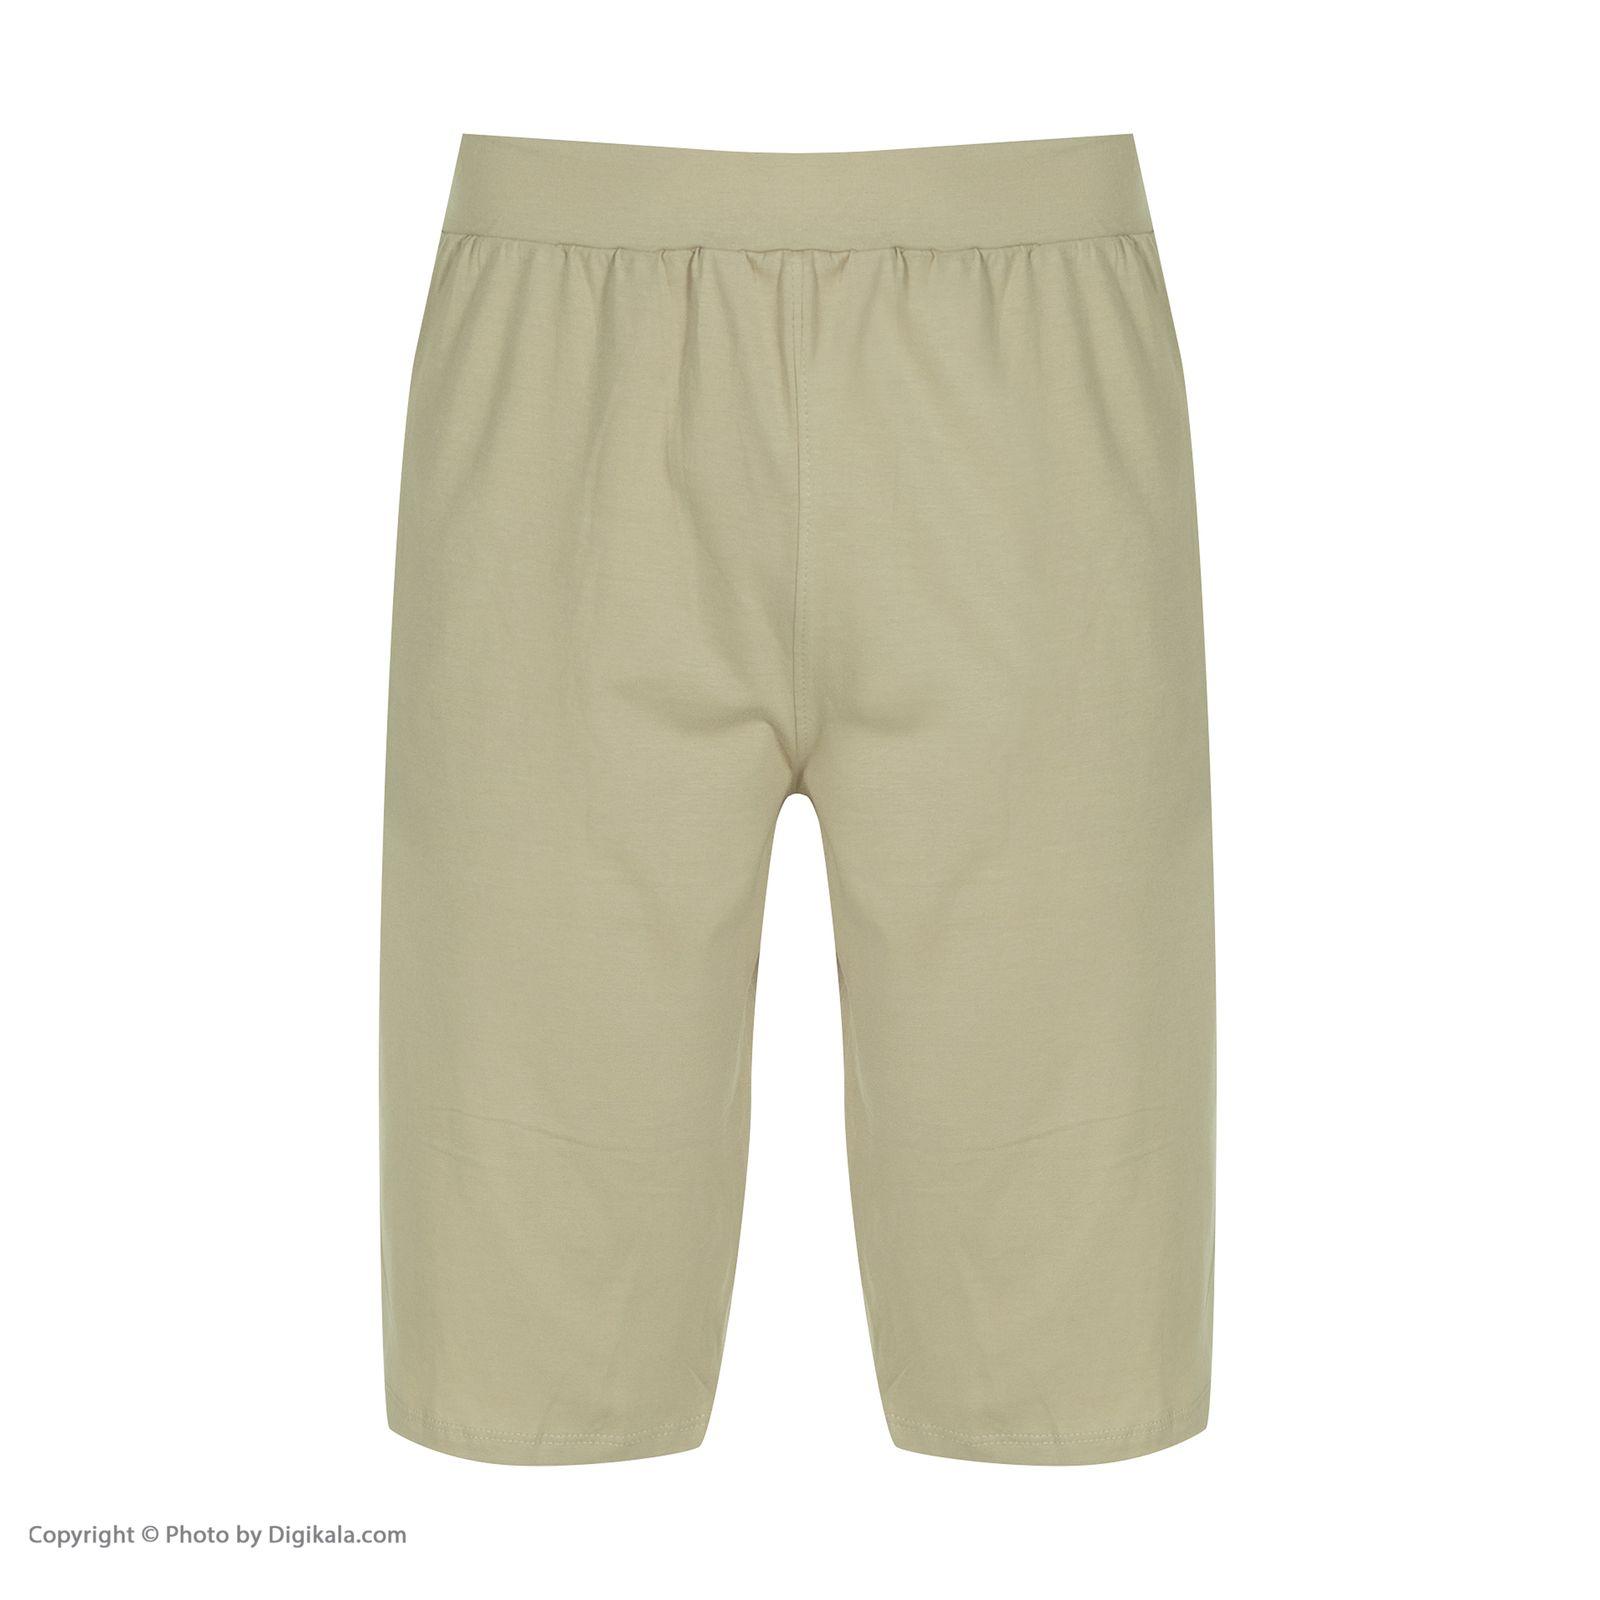 ست تی شرت و شلوارک راحتی مردانه مادر مدل 2041109-07 -  - 7